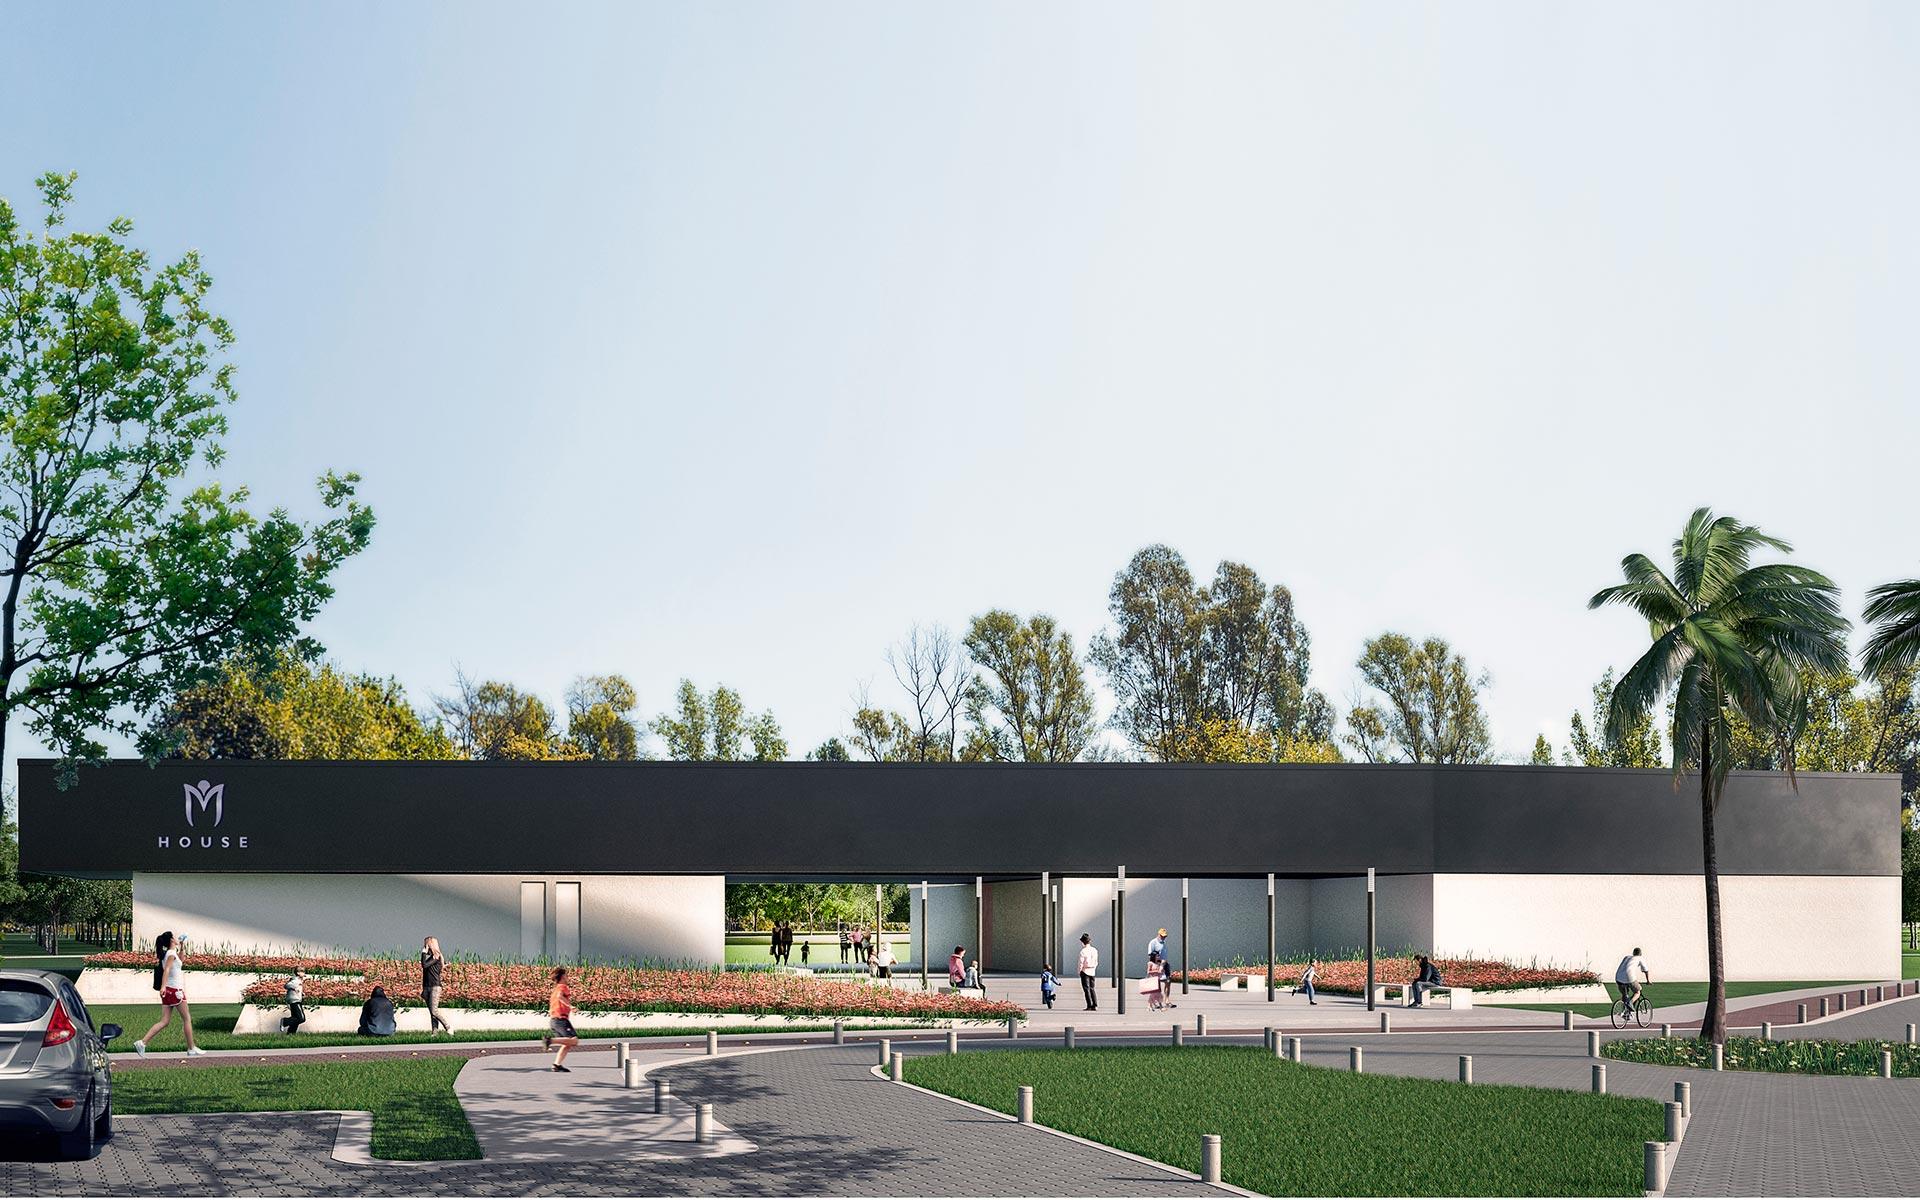 Arquitectura, propuesta de reforma para el Club House Miraflores, nuevo volumen negro sobre construcción existente en blanco